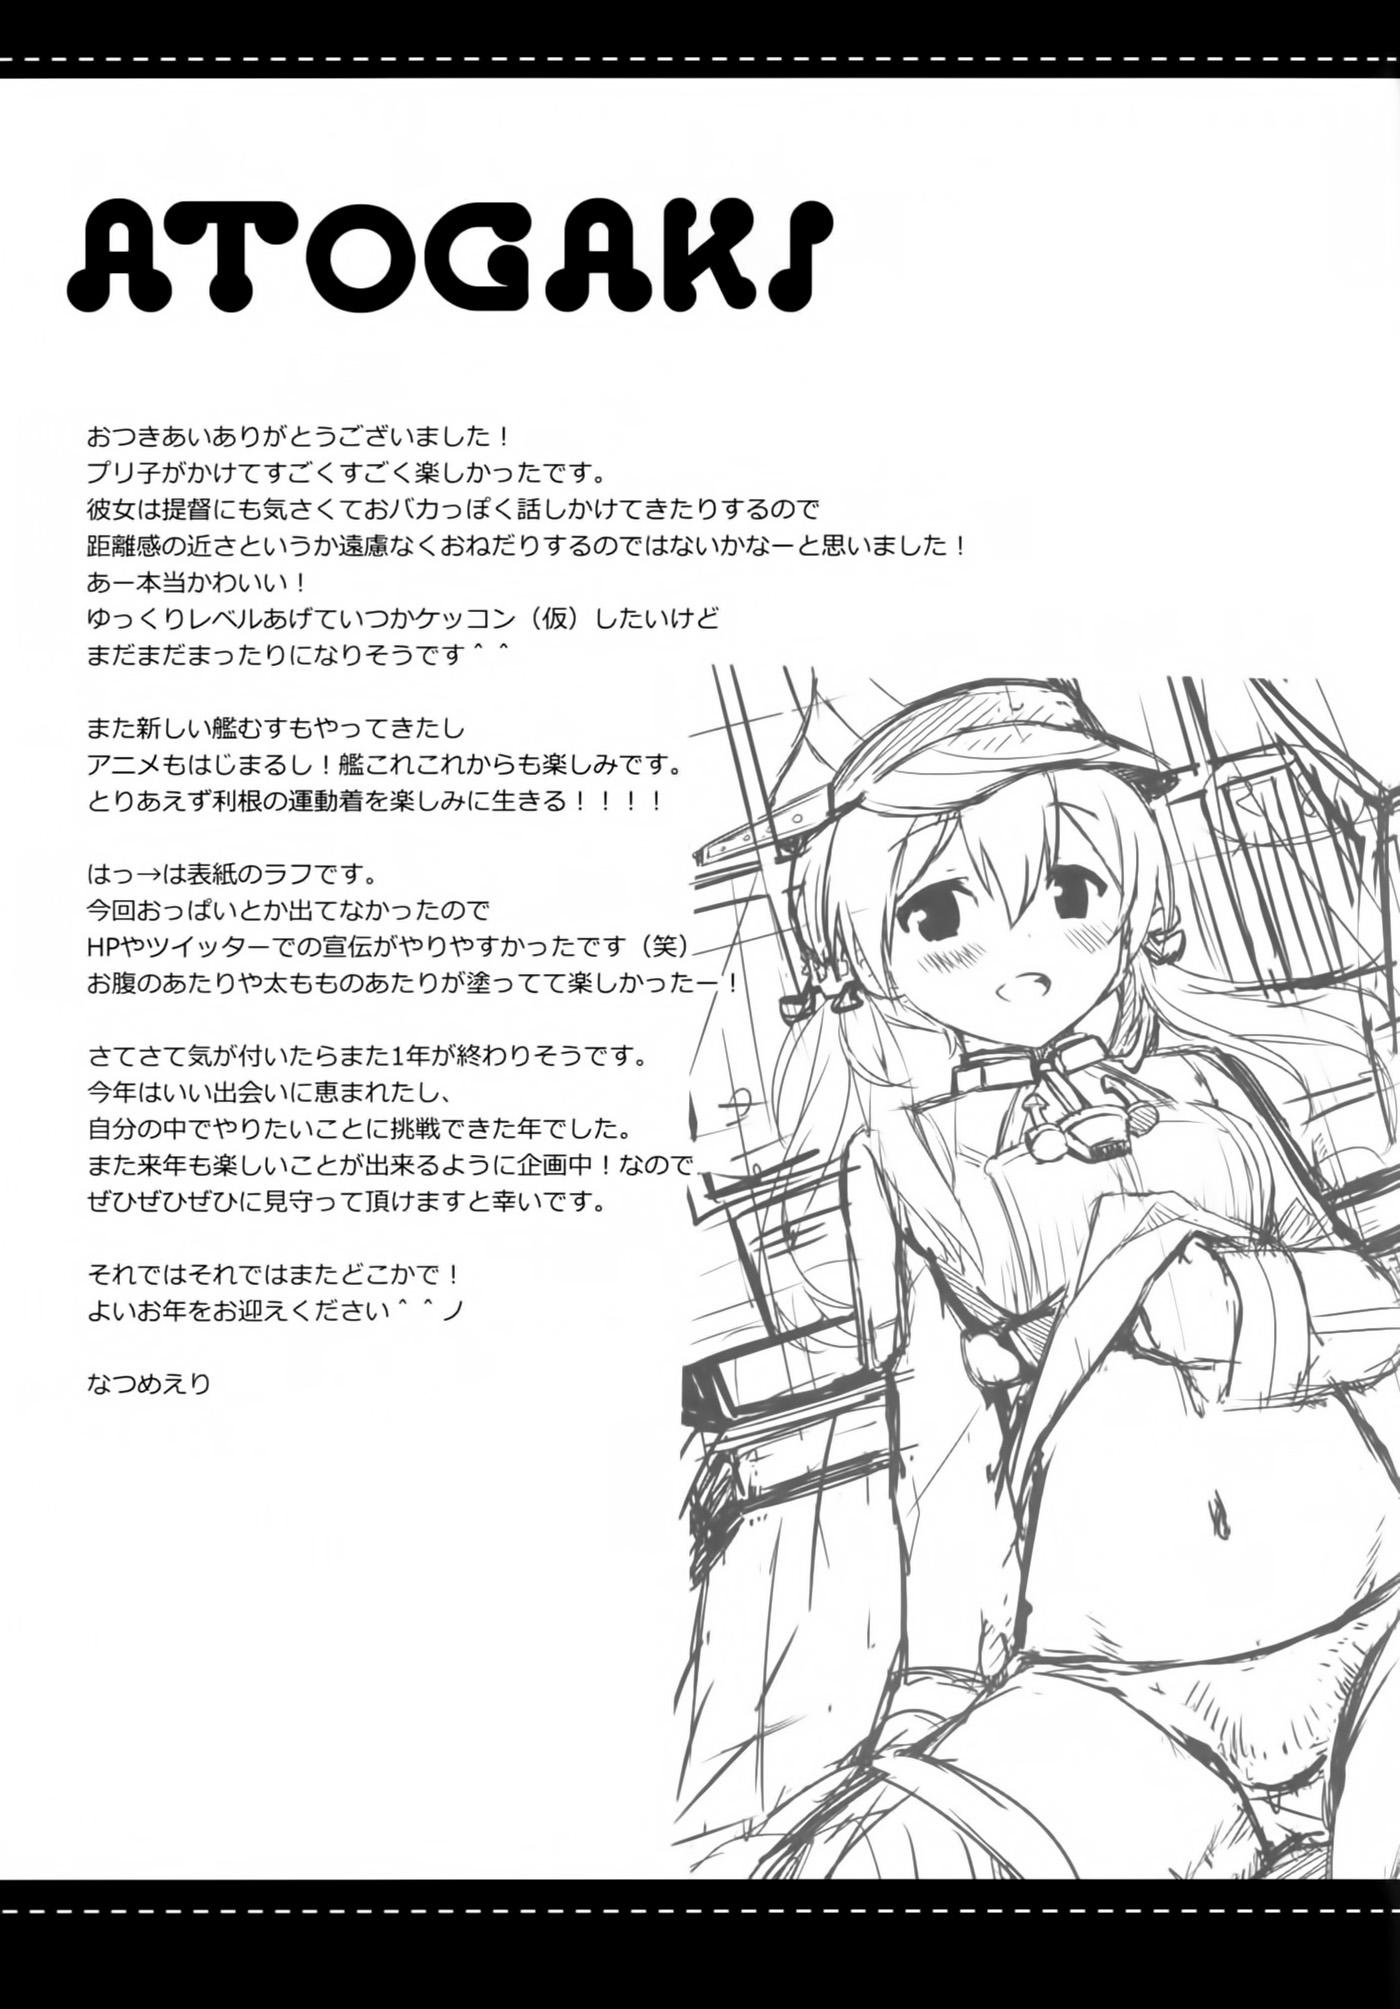 Hình ảnh H00023 in Admiral-san Atatakai no ga Iino